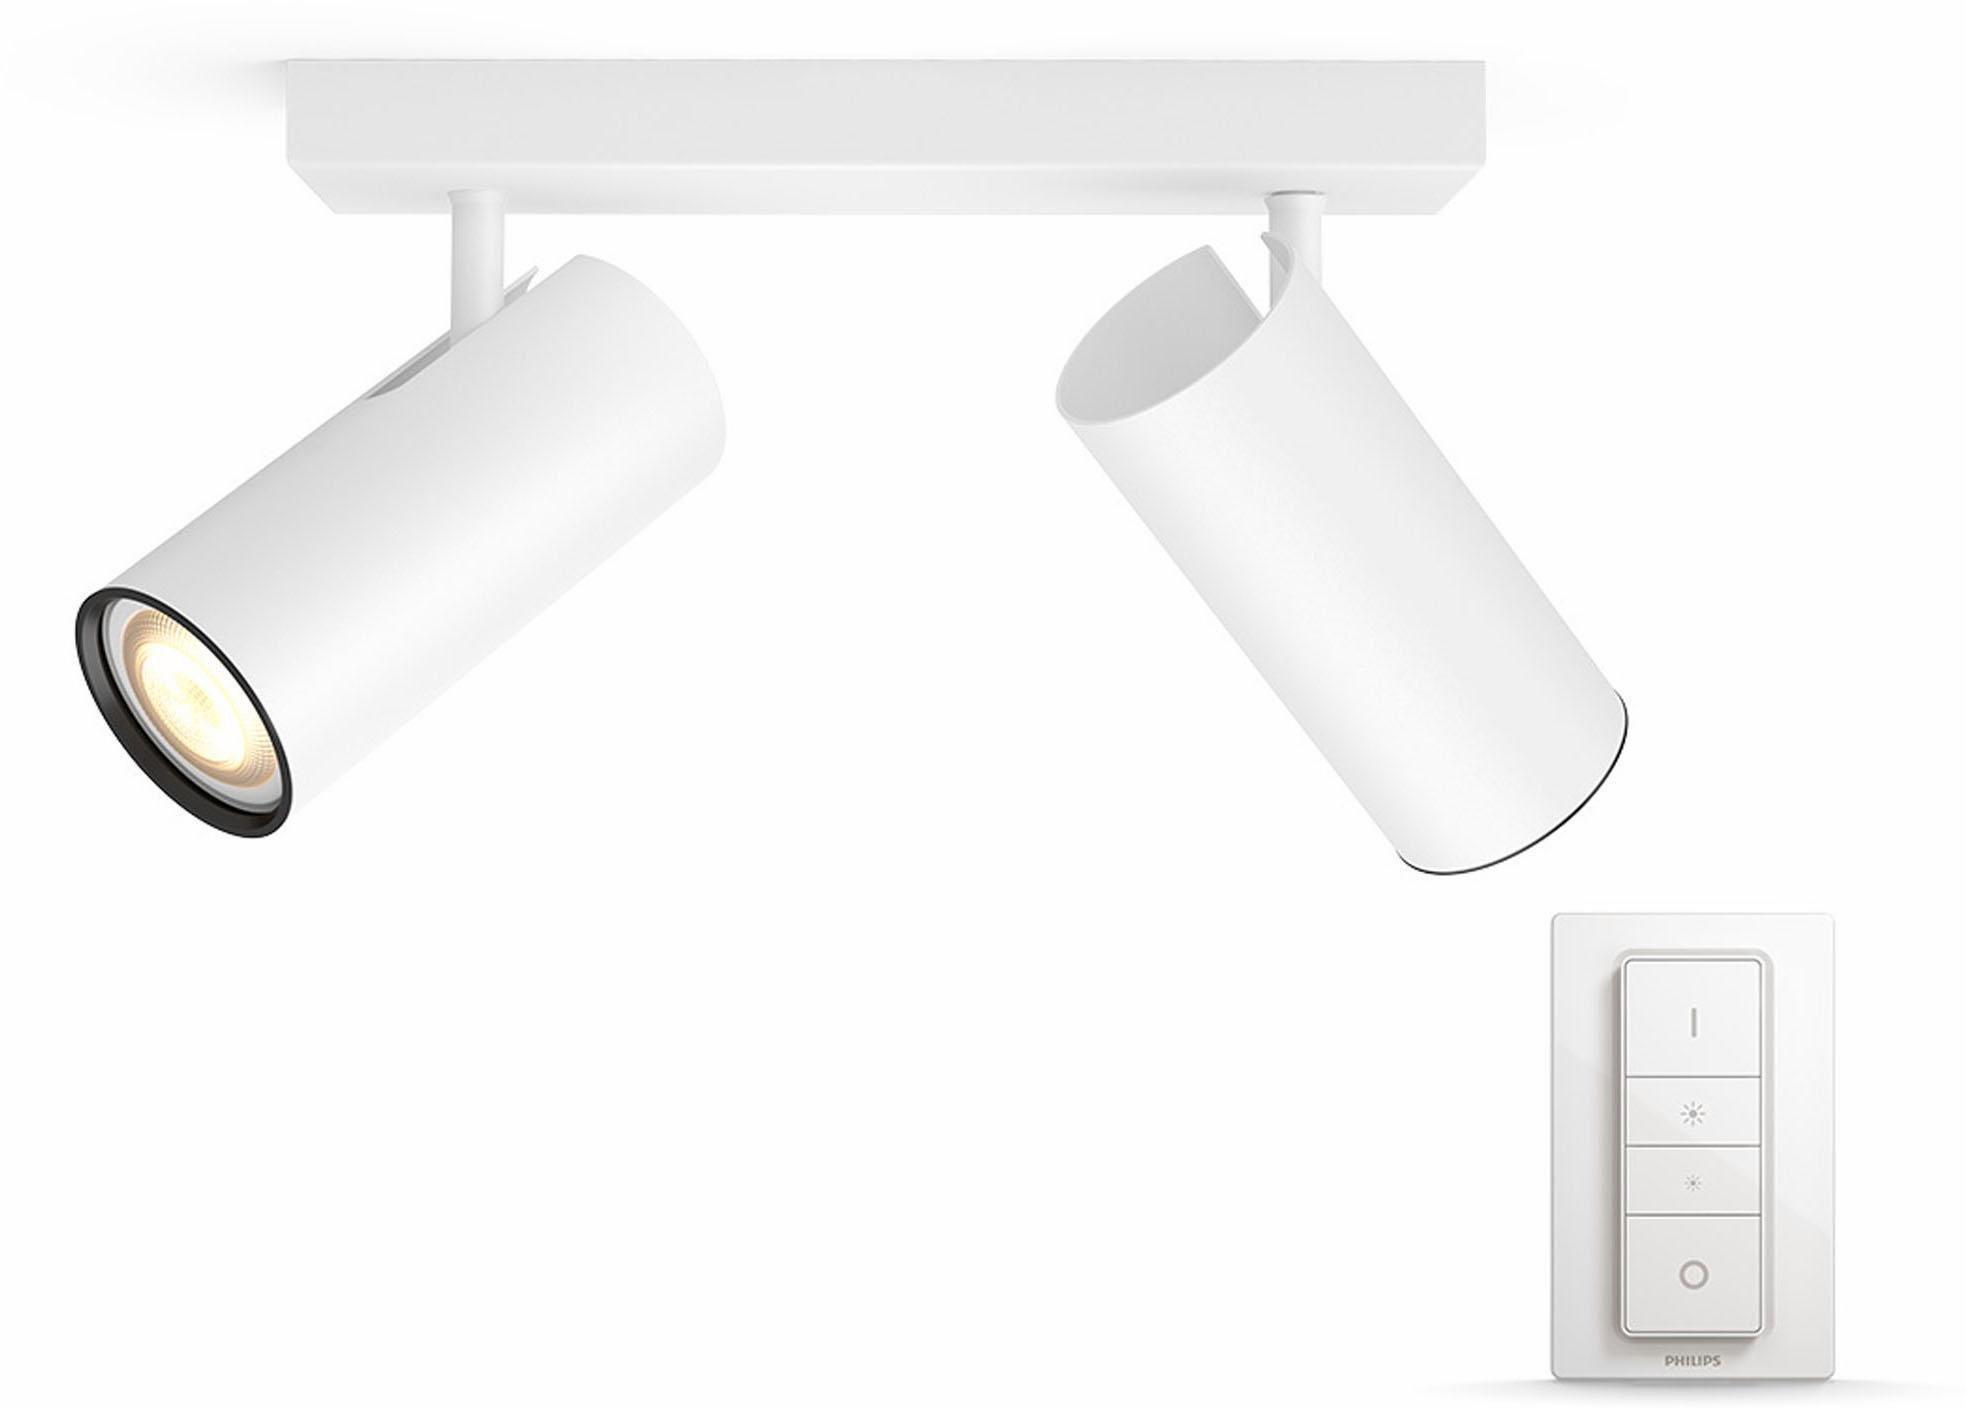 philips hue strahler und spots online kaufen m bel suchmaschine. Black Bedroom Furniture Sets. Home Design Ideas